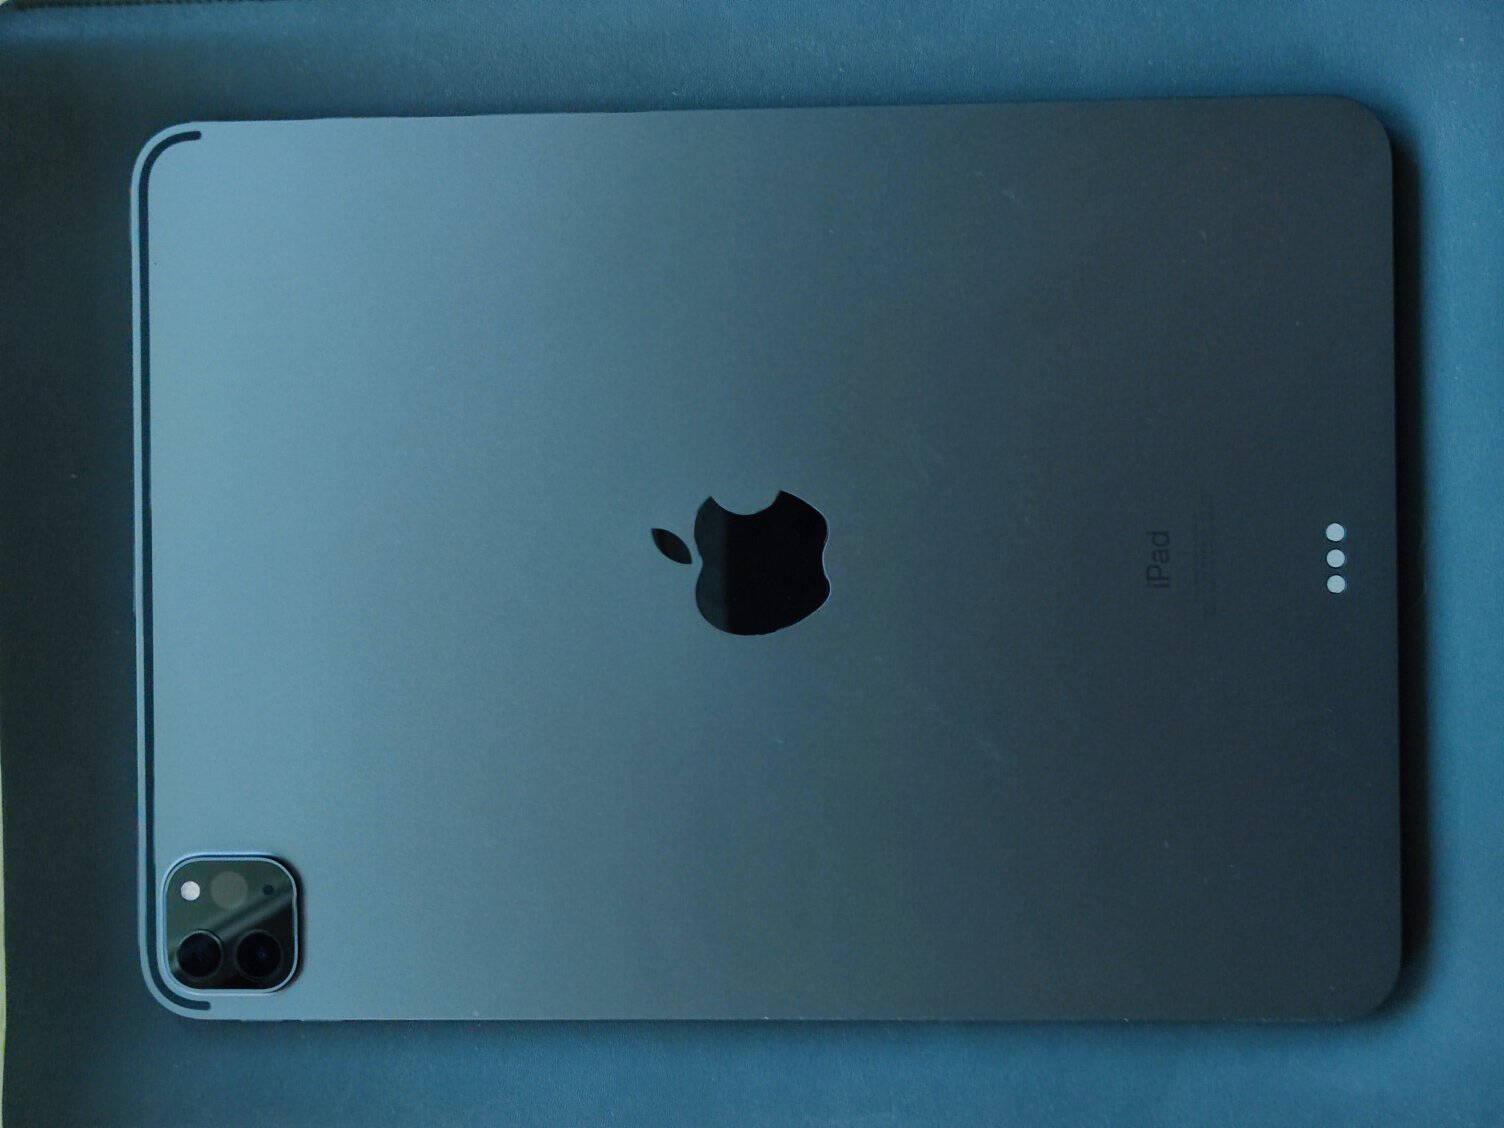 AppleiPadPro11英寸平板电脑2021年新款(256GWLAN版/M1芯片Liquid视网膜屏/MHQU3CH/A)深空灰色